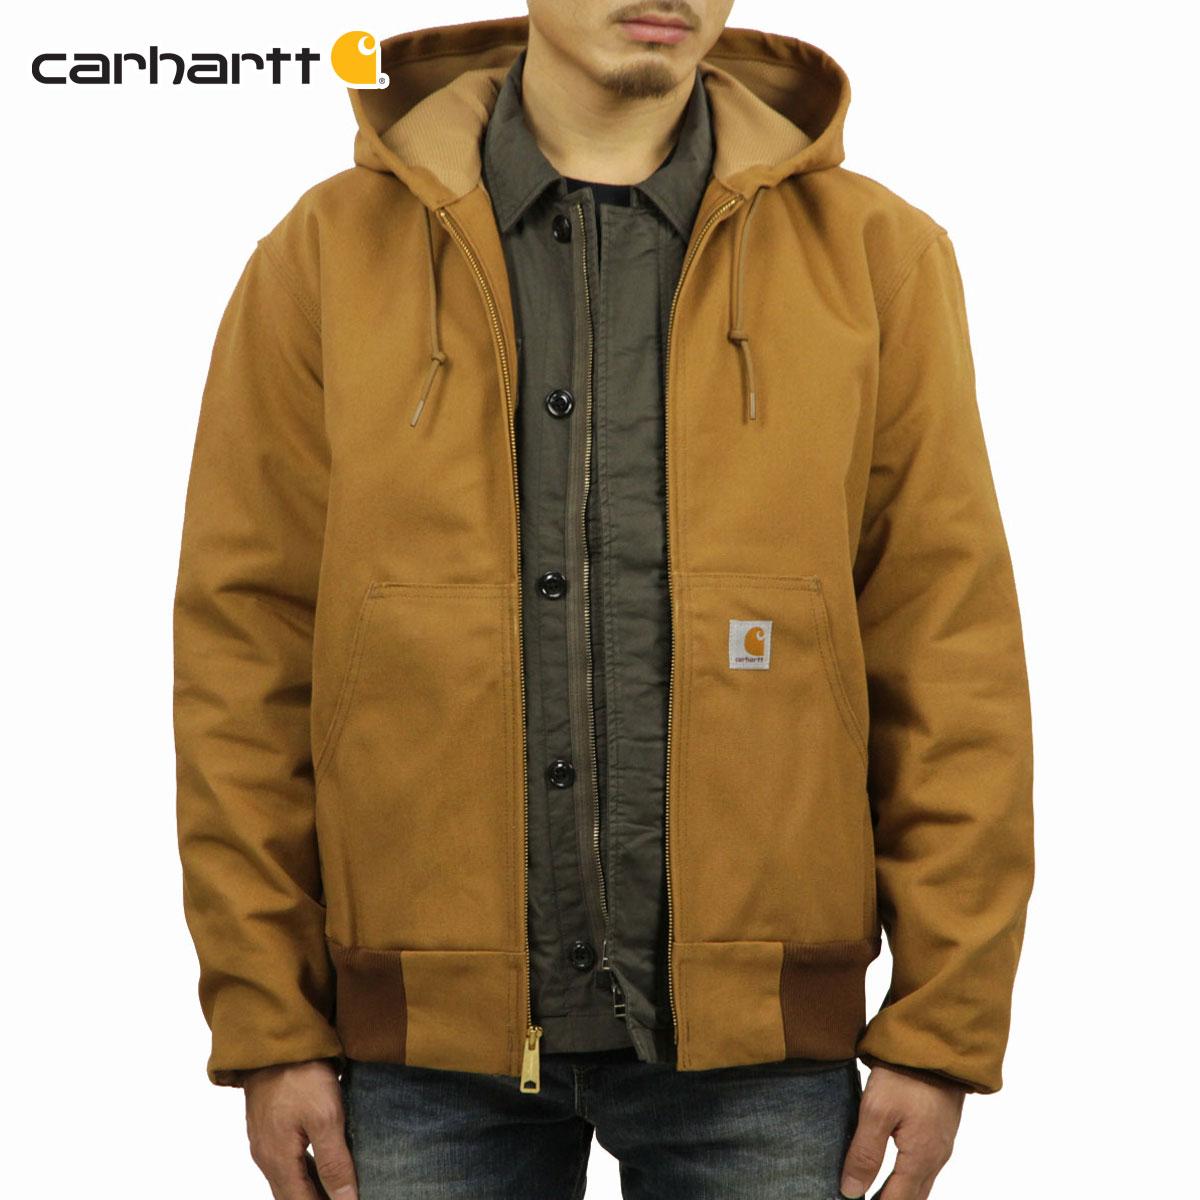 カーハート CARHARTT 正規品 メンズ アウタージャケット THERMAL-LINED DUCK ACTIVE JACKET J131 - BRN CARHARTT BROWN